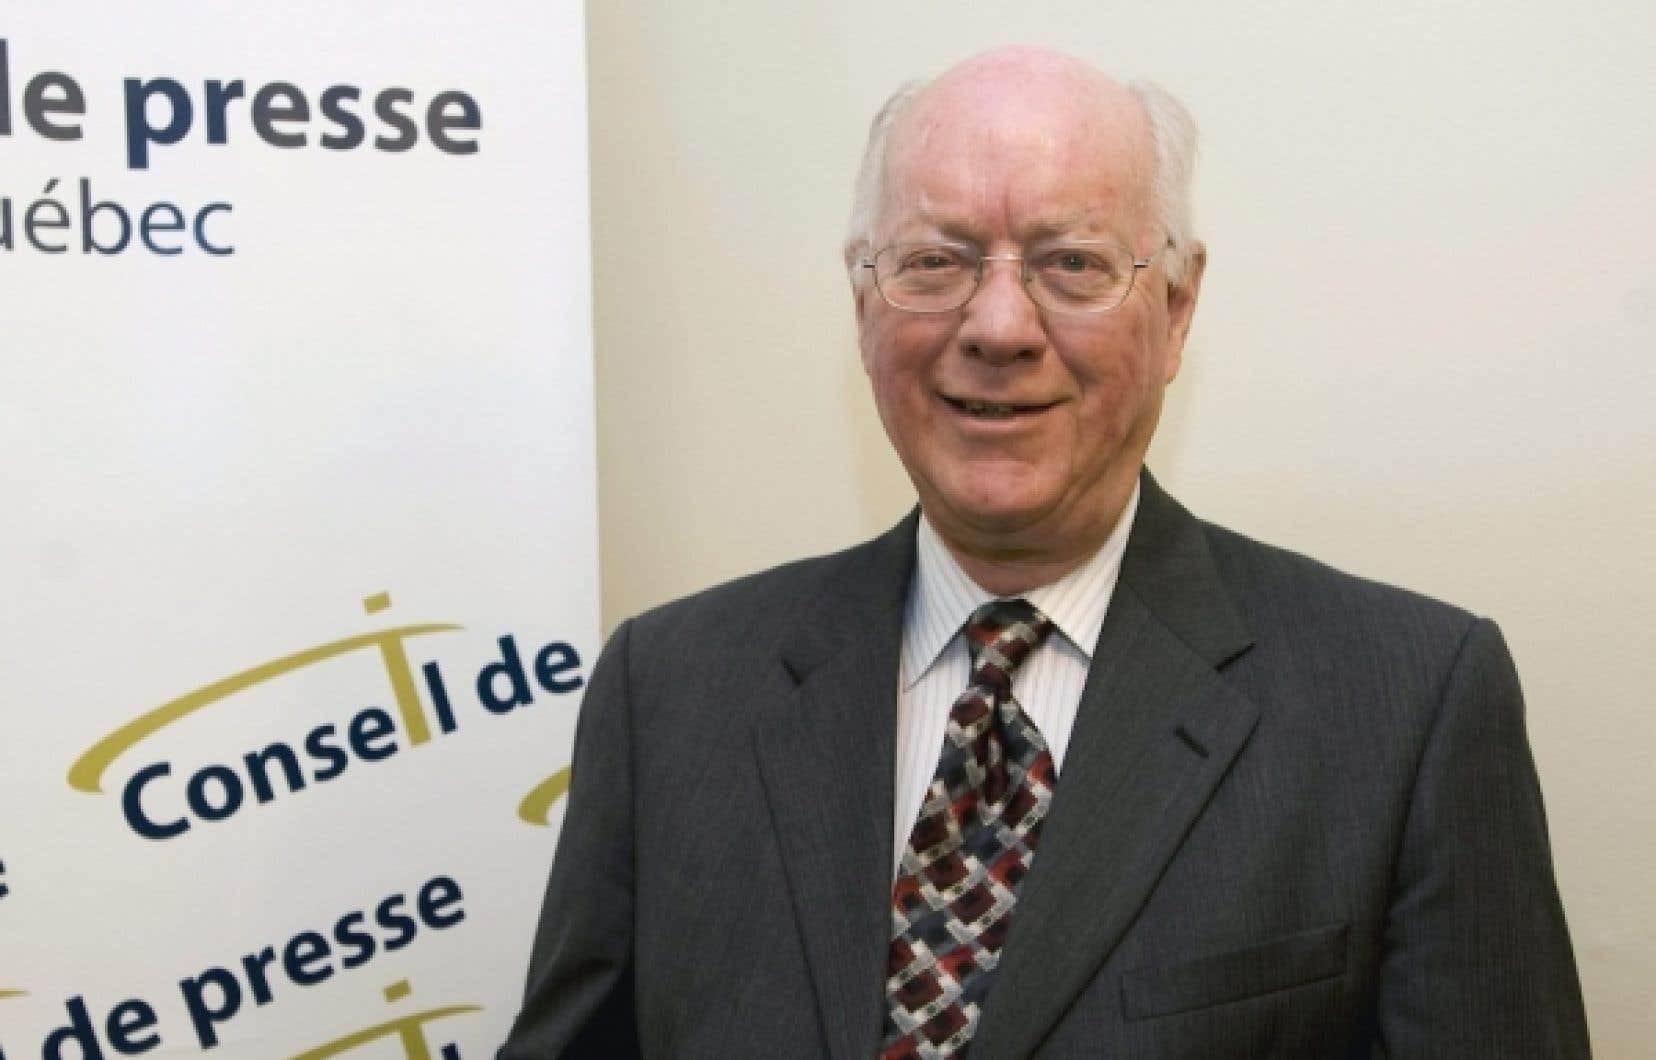 Le président du Conseil de presse, John Gomery.